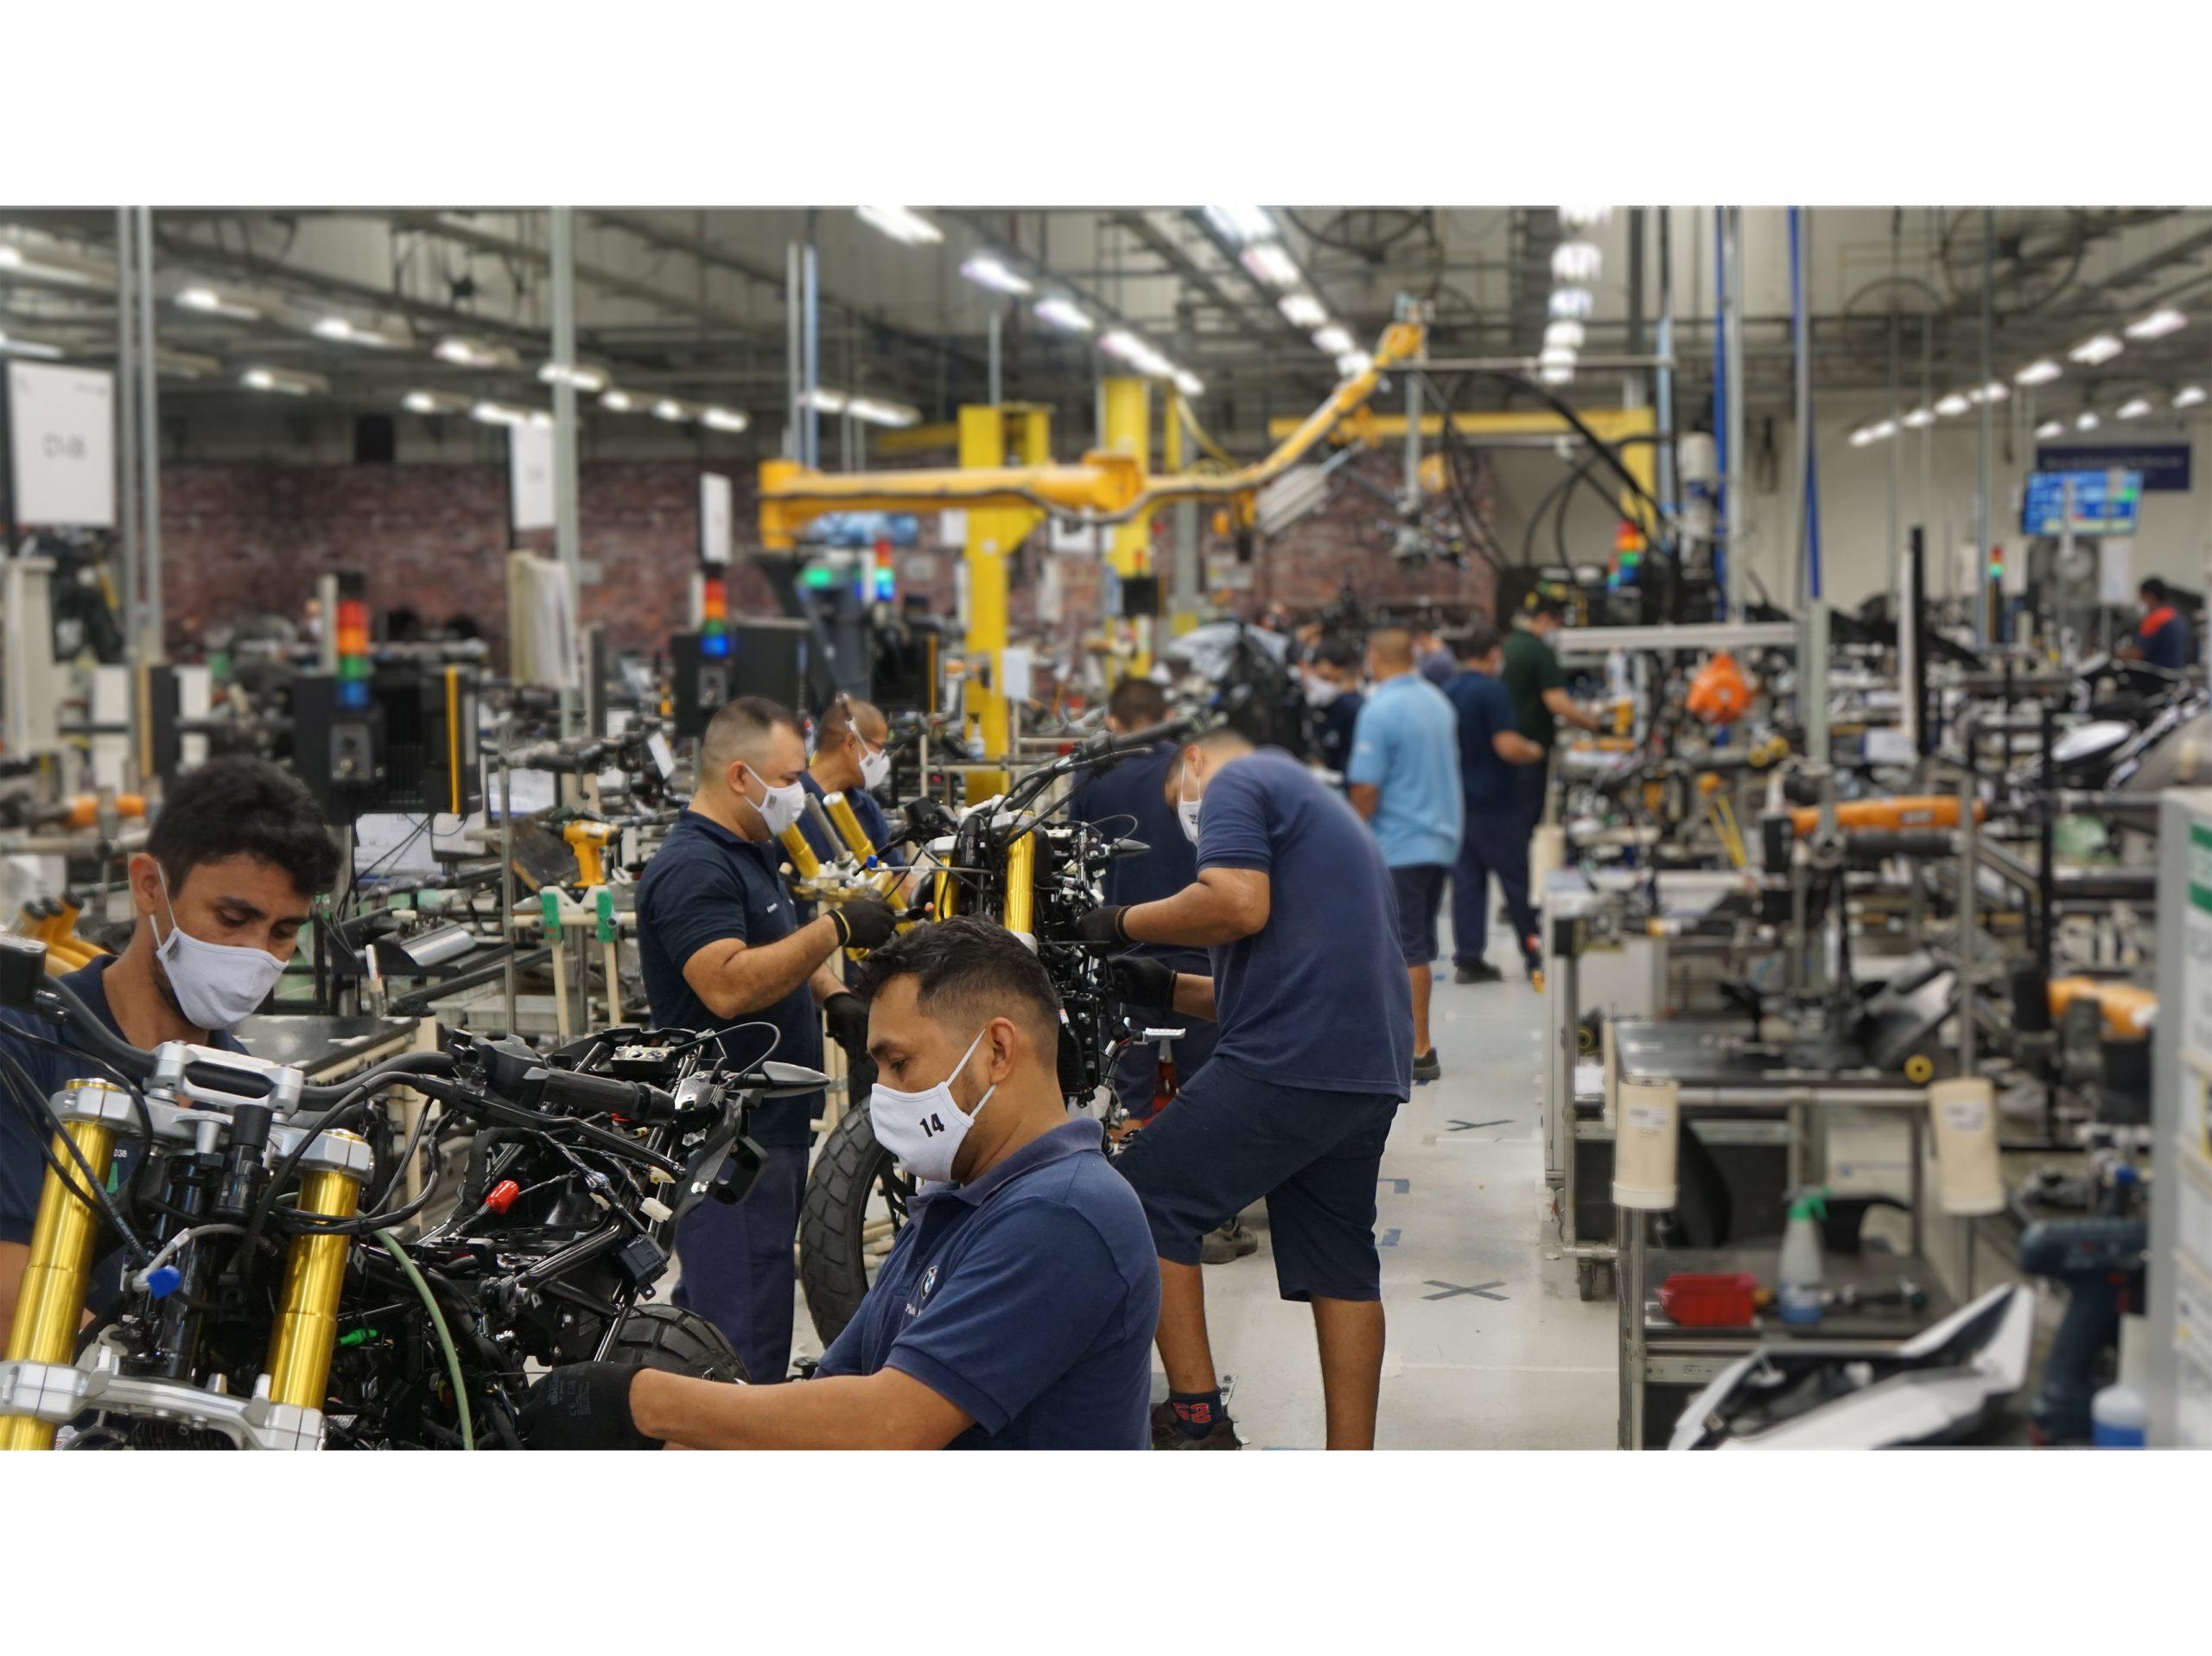 Fábrica do BMW Group em Manaus amplia capacidade de produção para 15 mil motocicletas ao ano